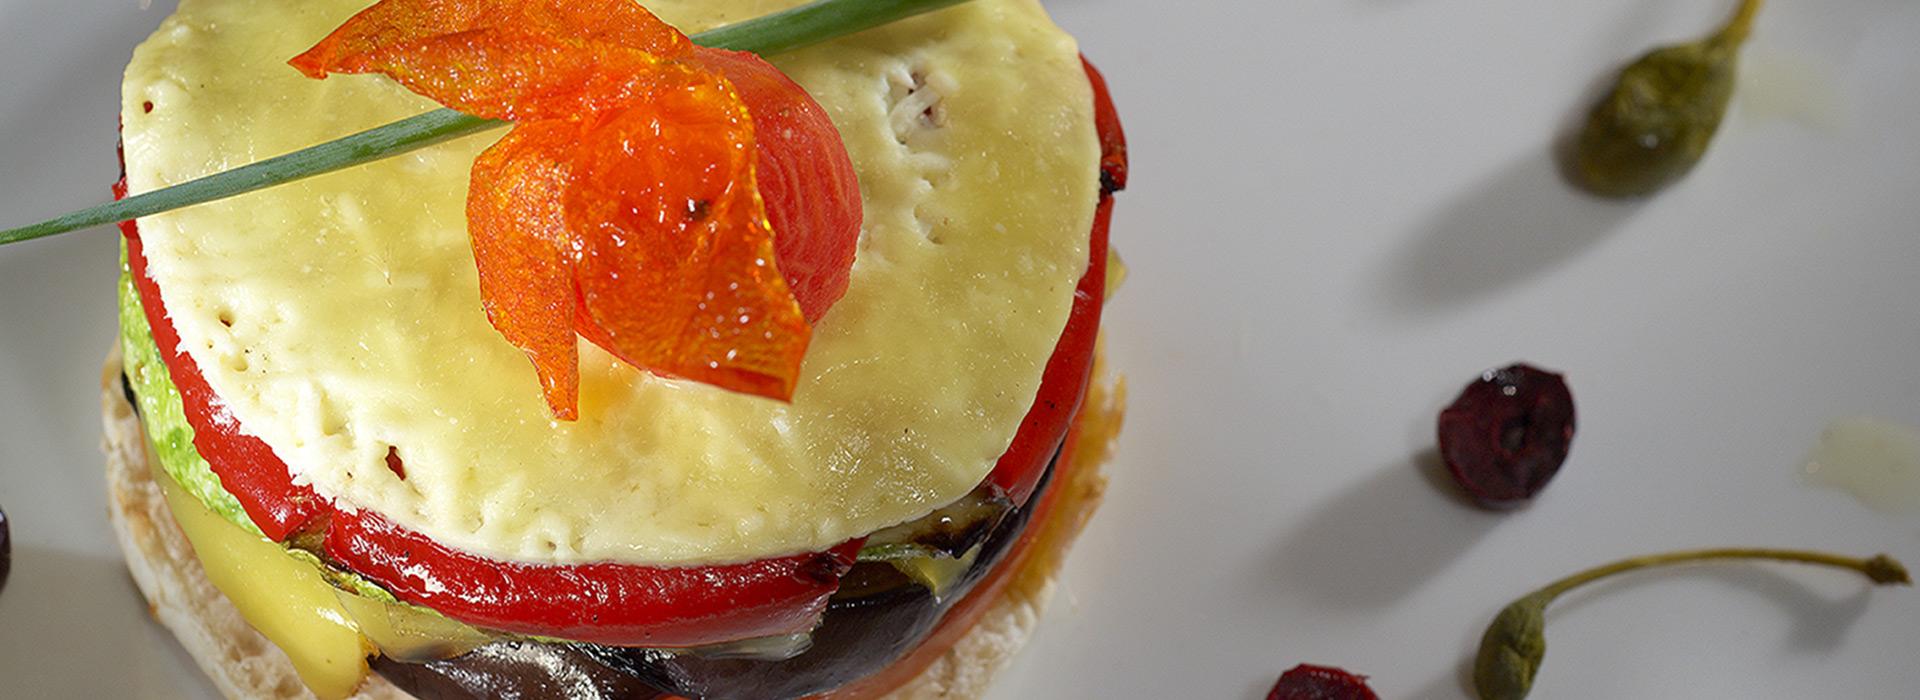 Gastronomy-7